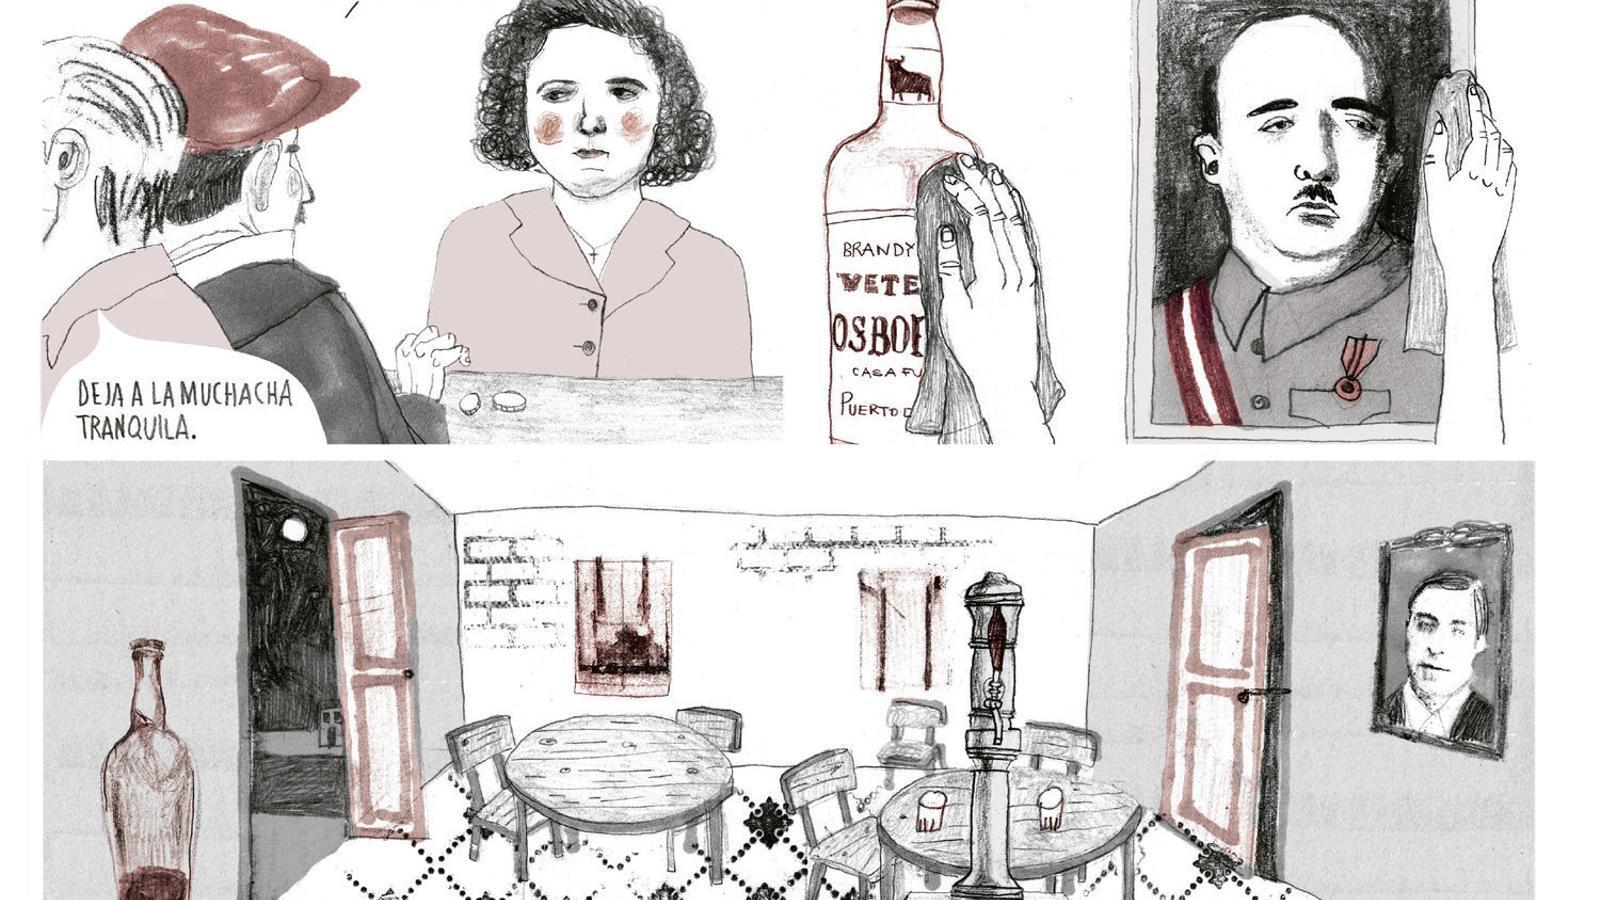 01. Estamos todas bien recorda els dies en què l'àvia de Penyas treballava   En un bar.  02. La Maruja, ja gran, veient passar les hores asseguda al sofà: la soledat de la vellesa.